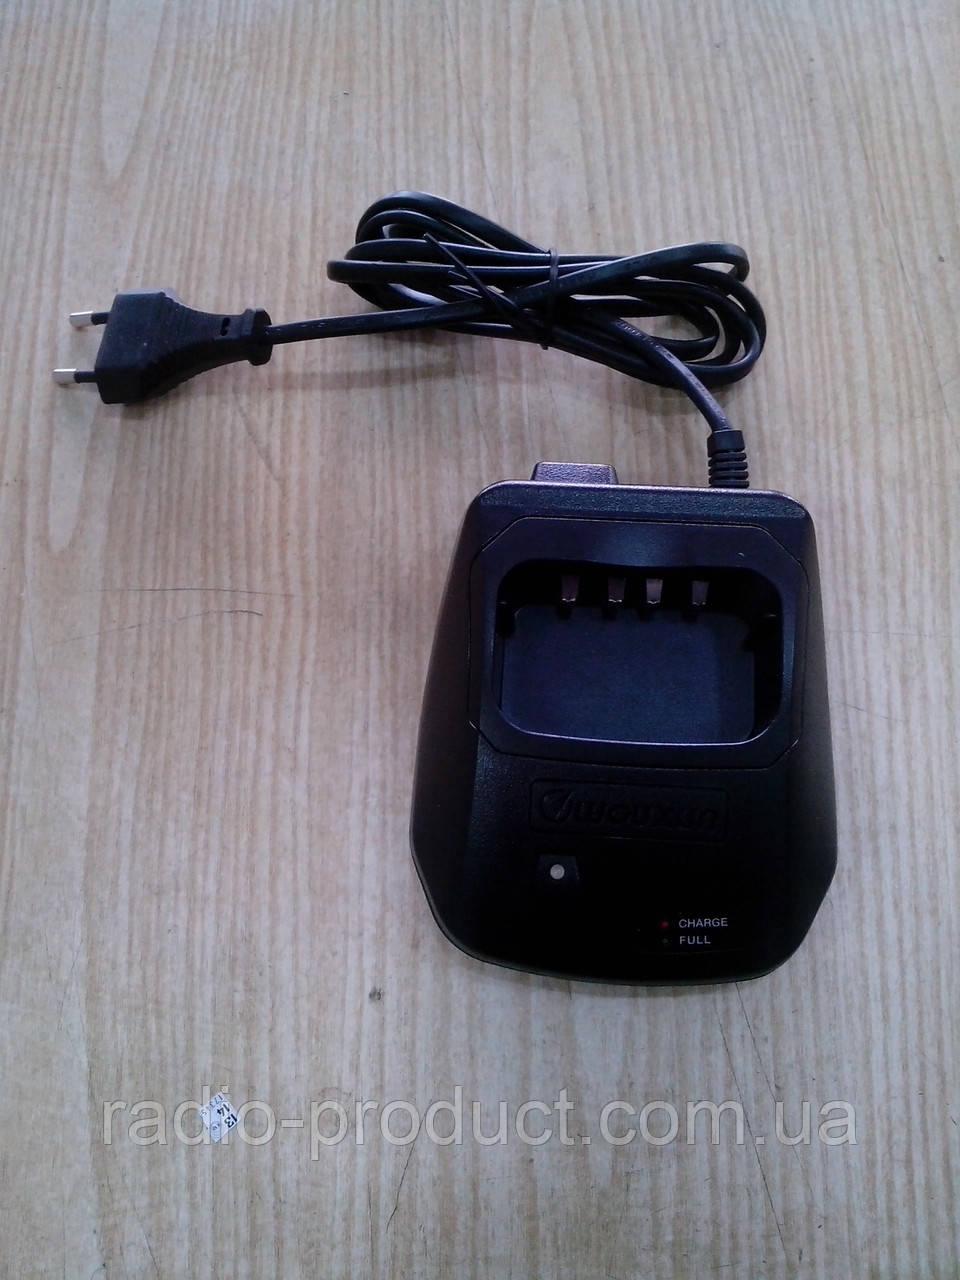 Зарядное устройство для радиостанций Wouxun KG-UV6D, KG-UVD1P, etc